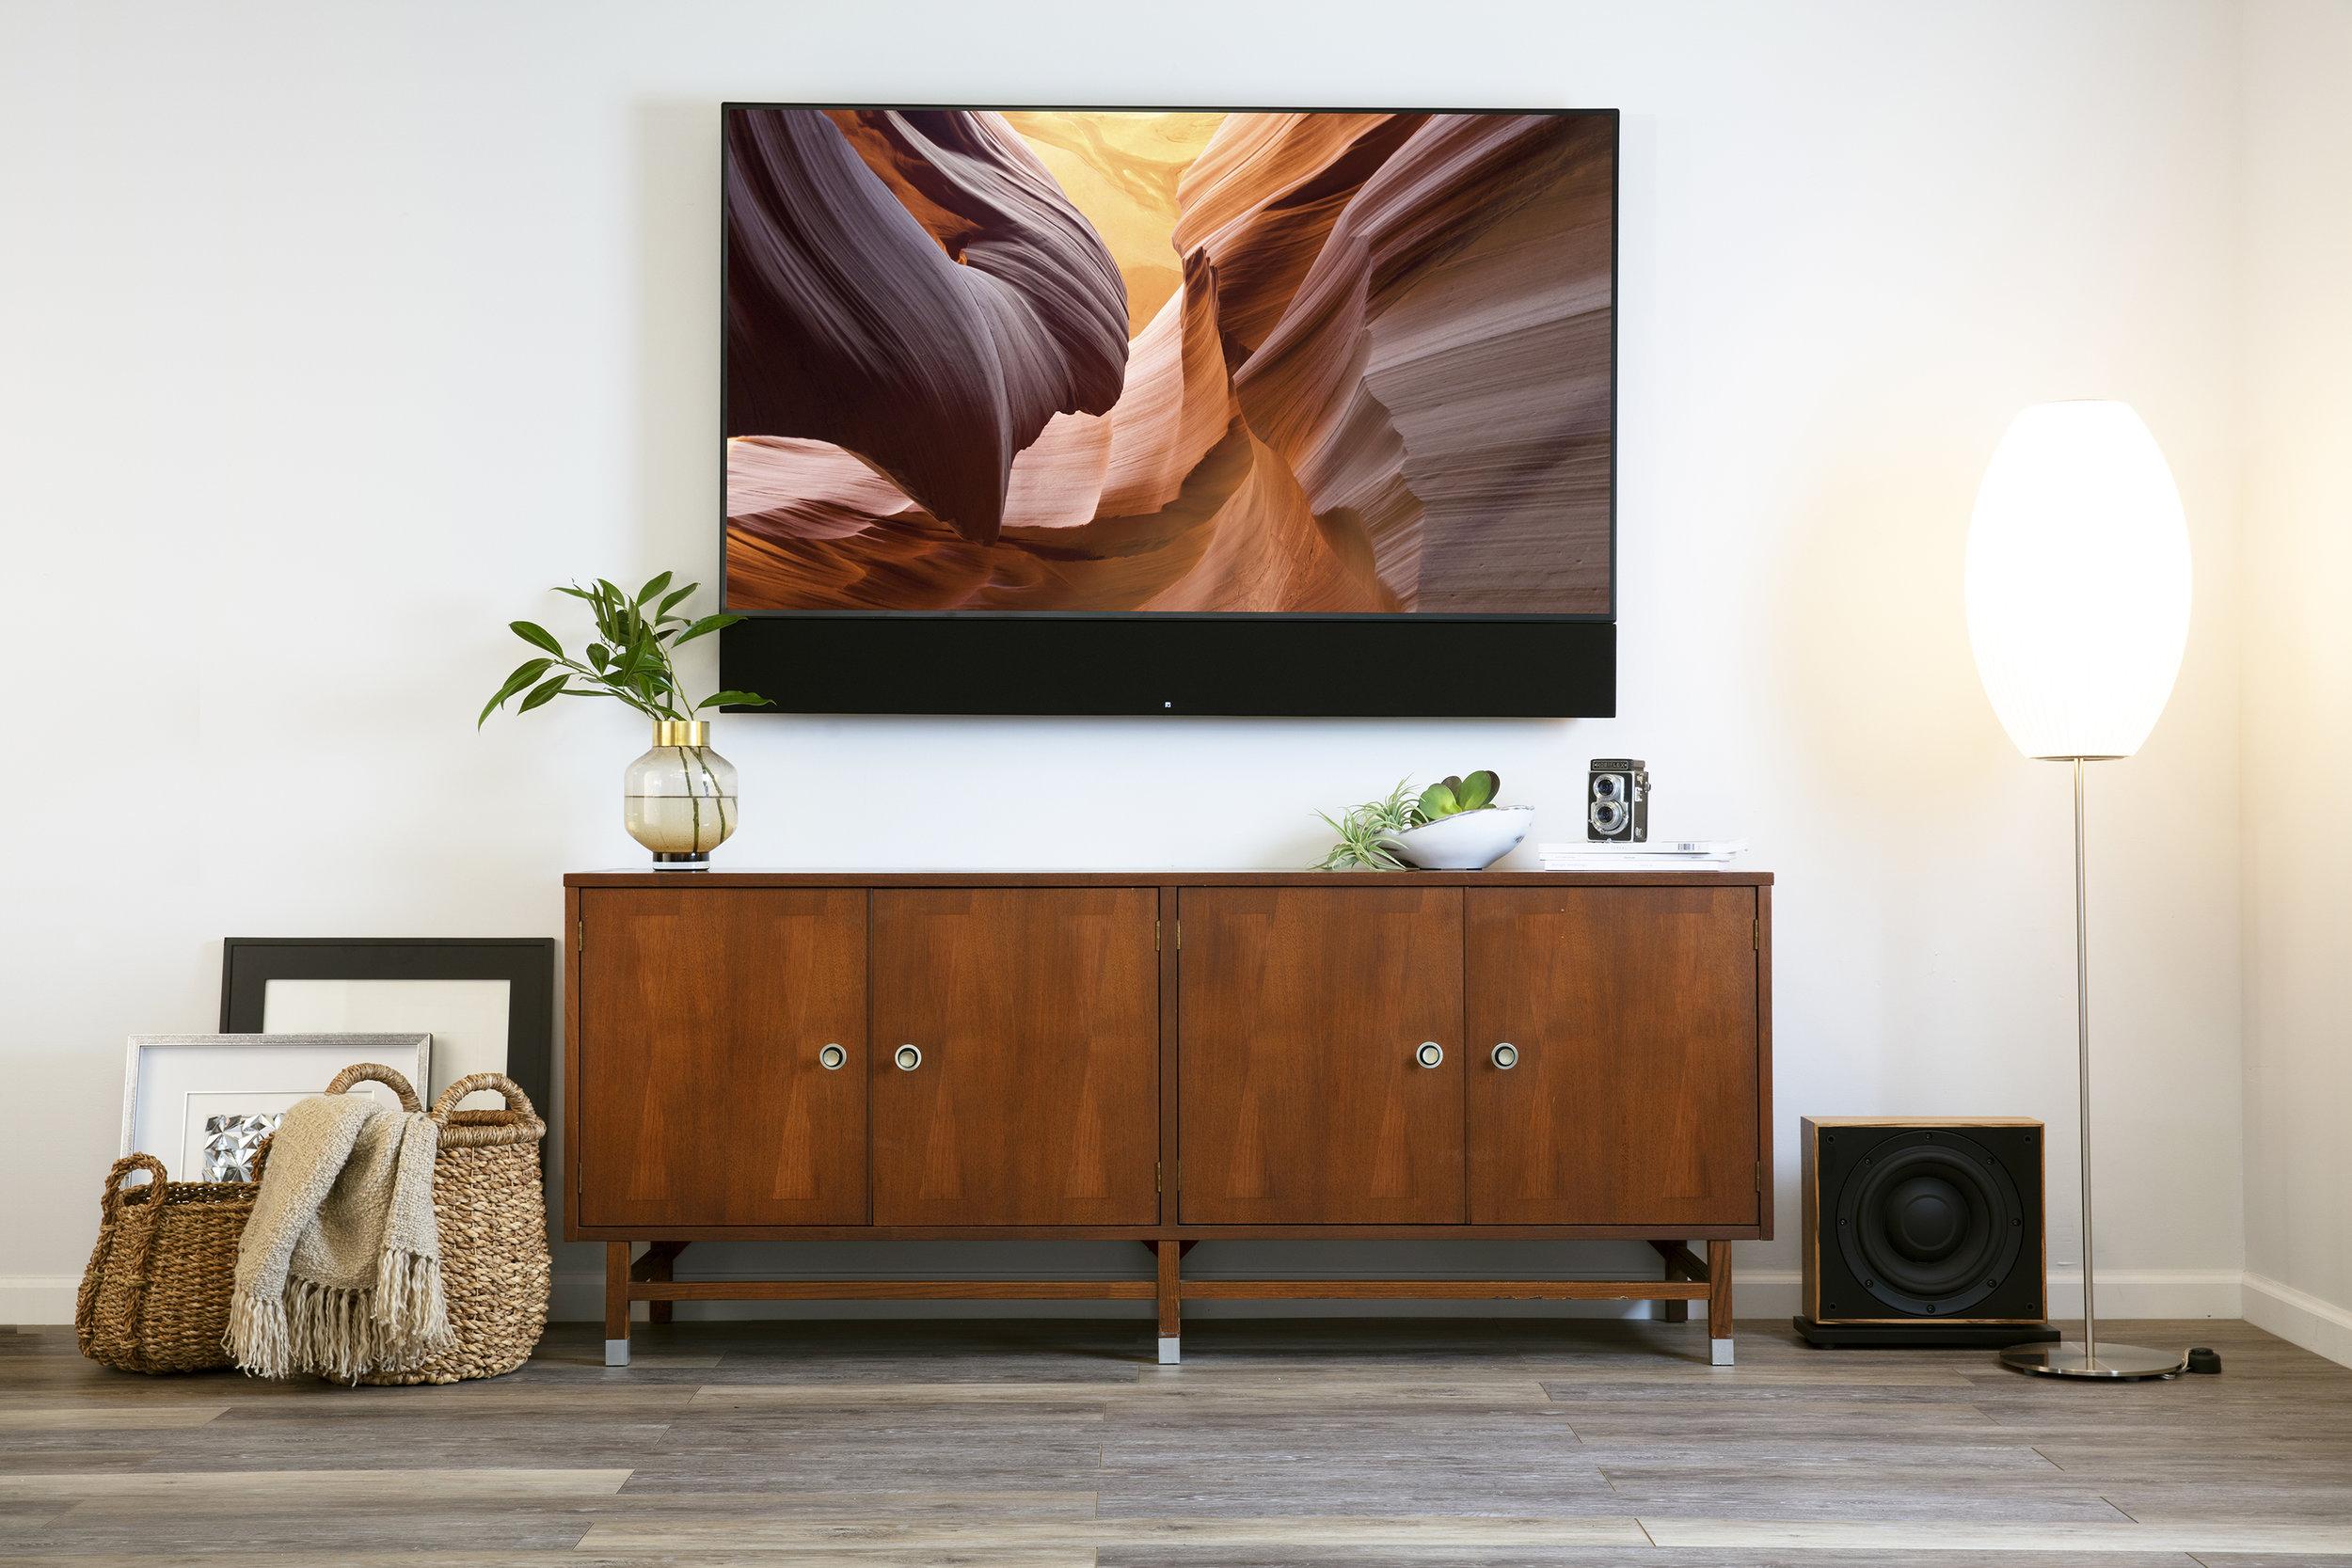 Leon-Speakers-Horizon-Hz44UX-Aaros-A10-UT-Subwoofer.jpg